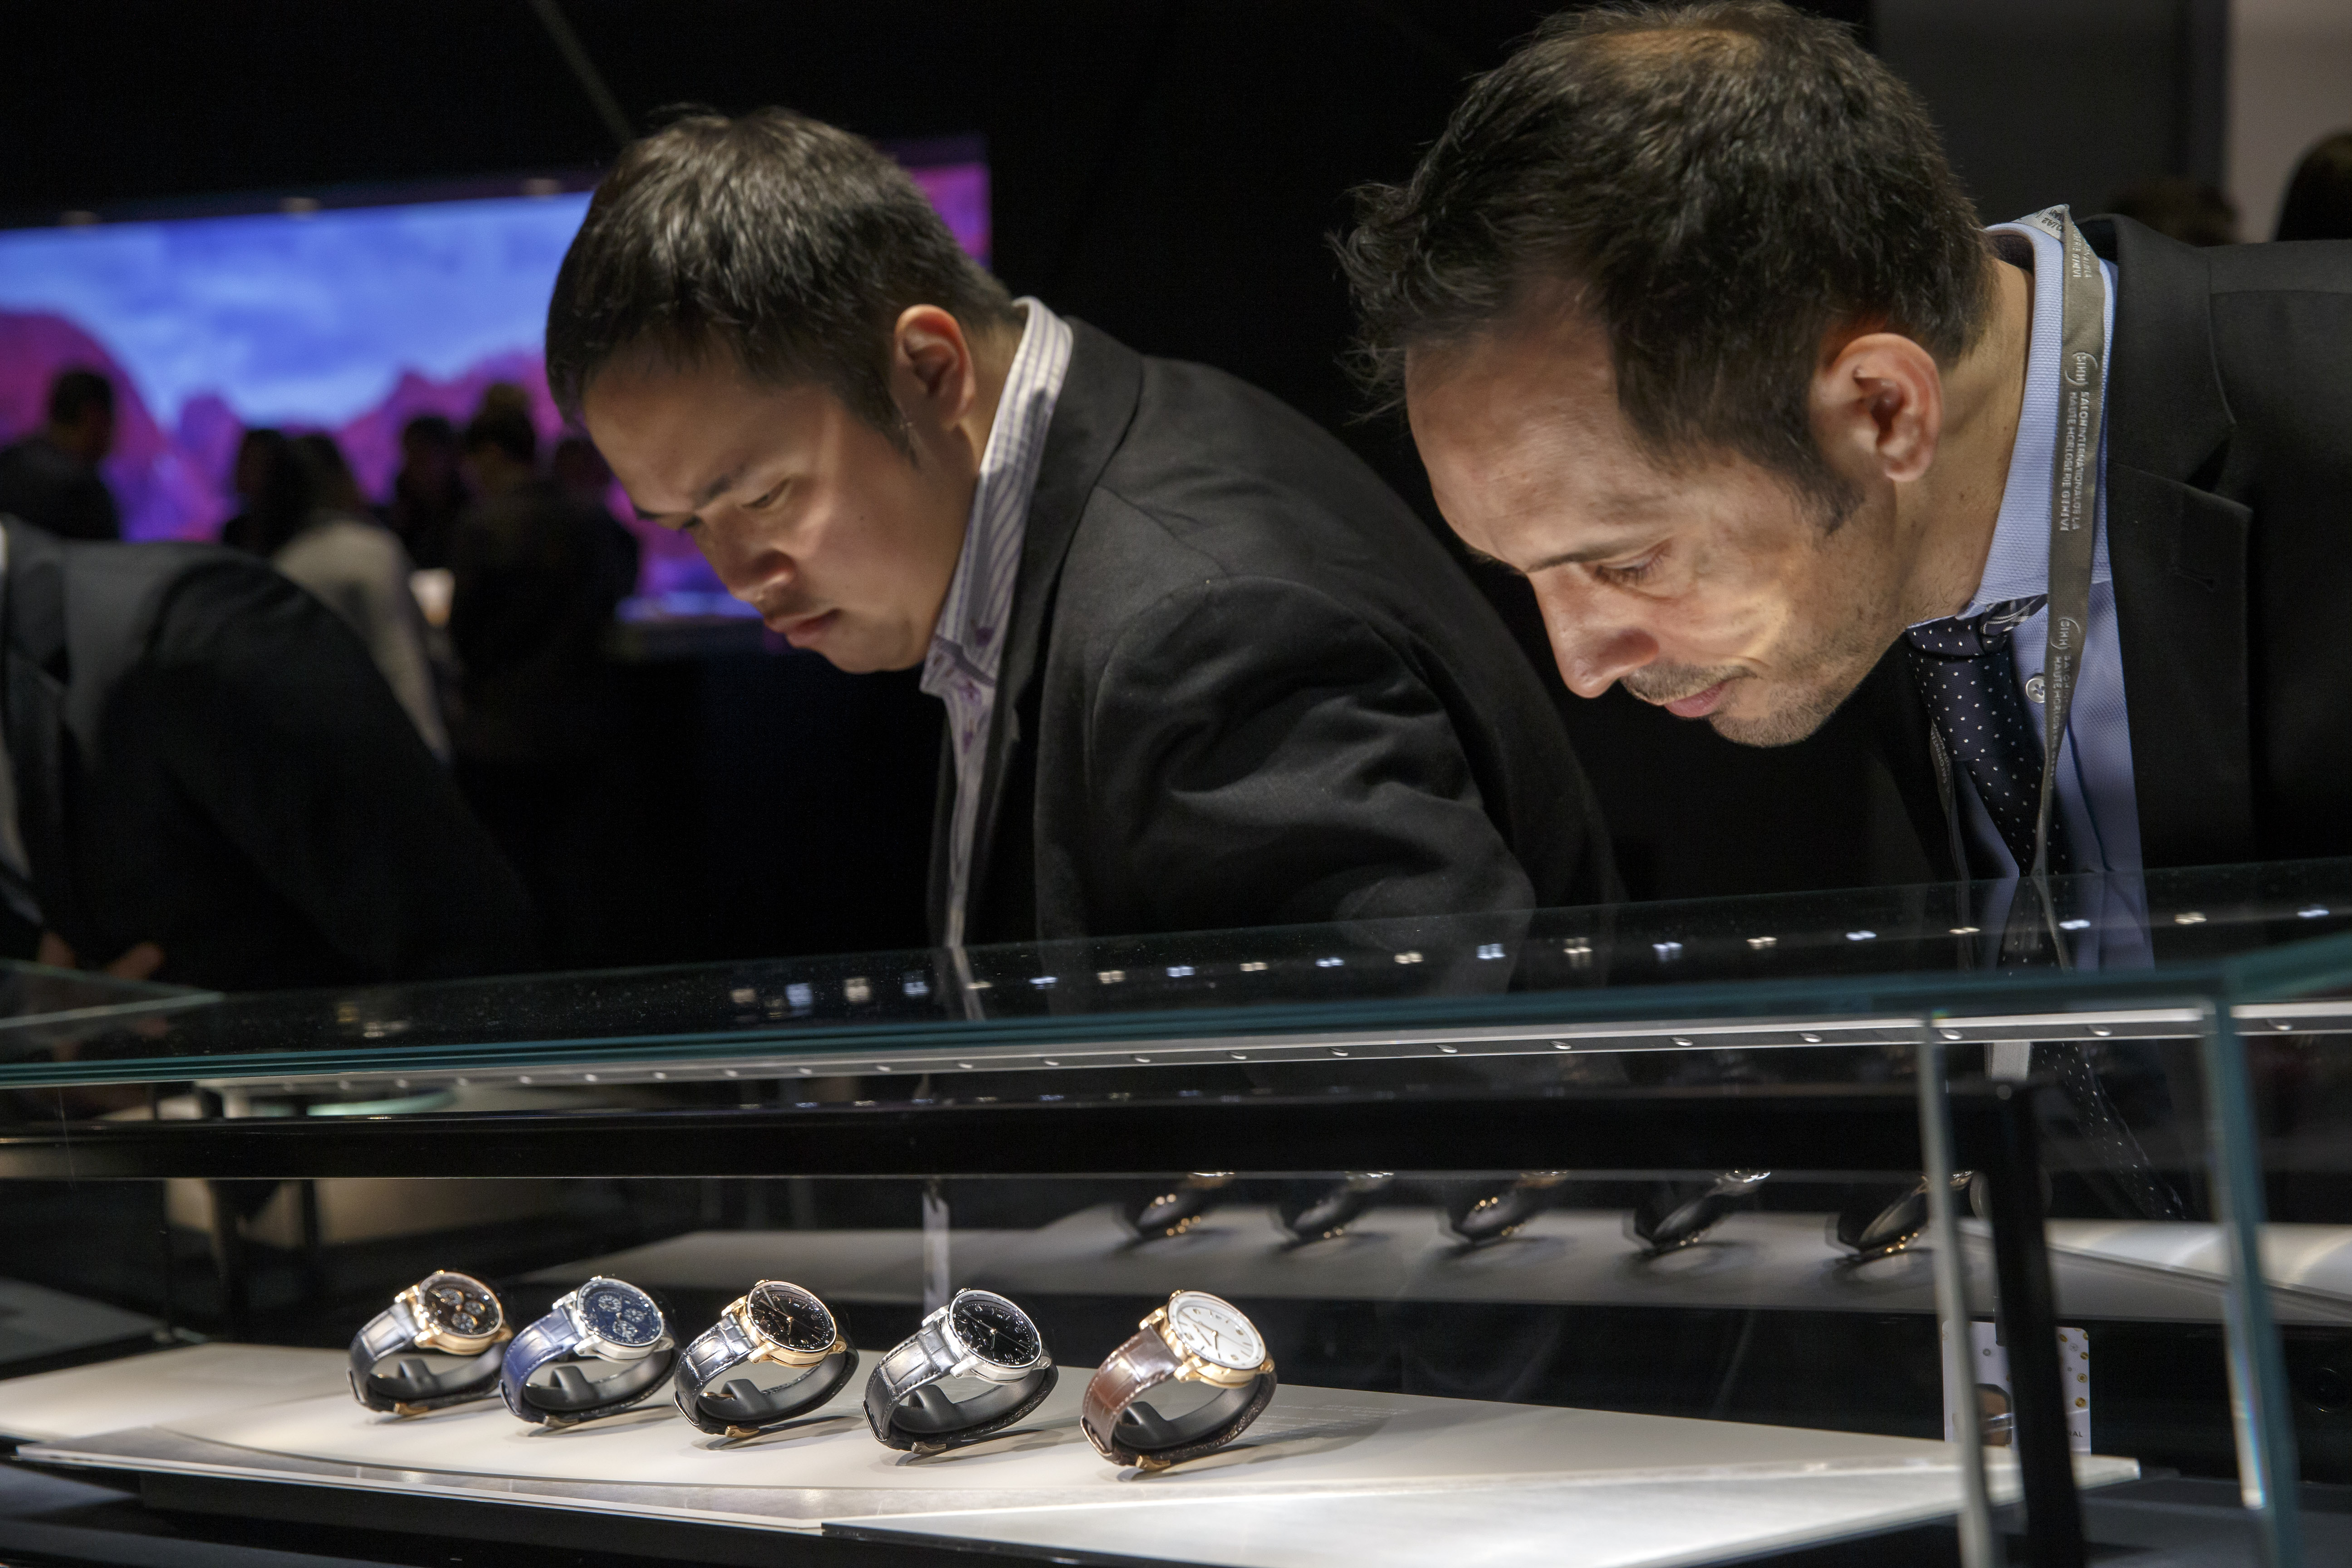 Des visiteurs regardent les montres sur le stand Audemars Piguet lors du Salon international de la haute horlogerie, à Genève, le lundi 14 janvier 2019.